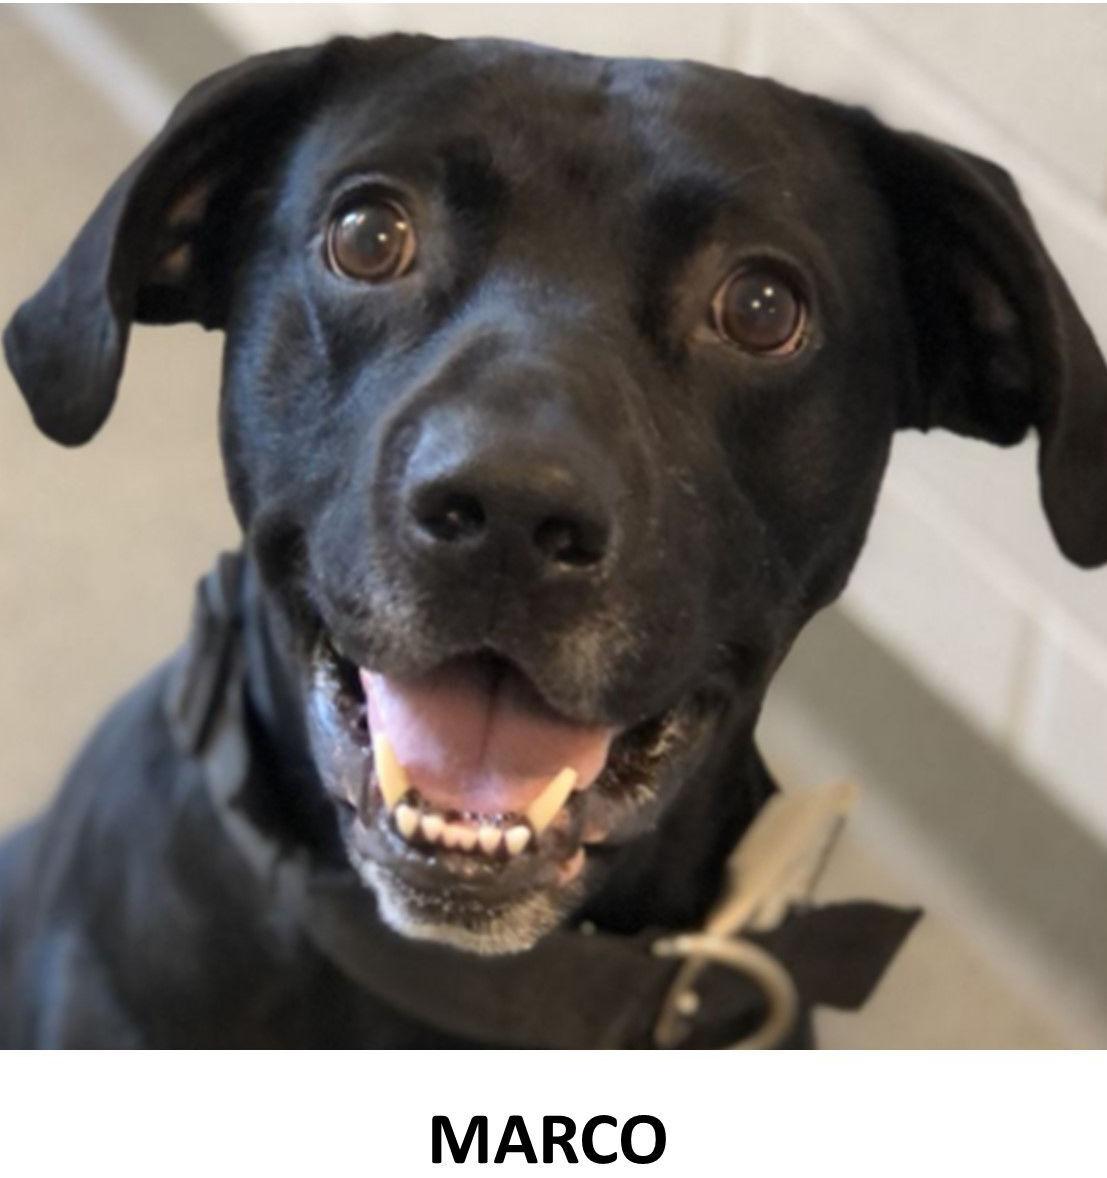 Nonpareil pet pics Marco 11-21-2020.jpg